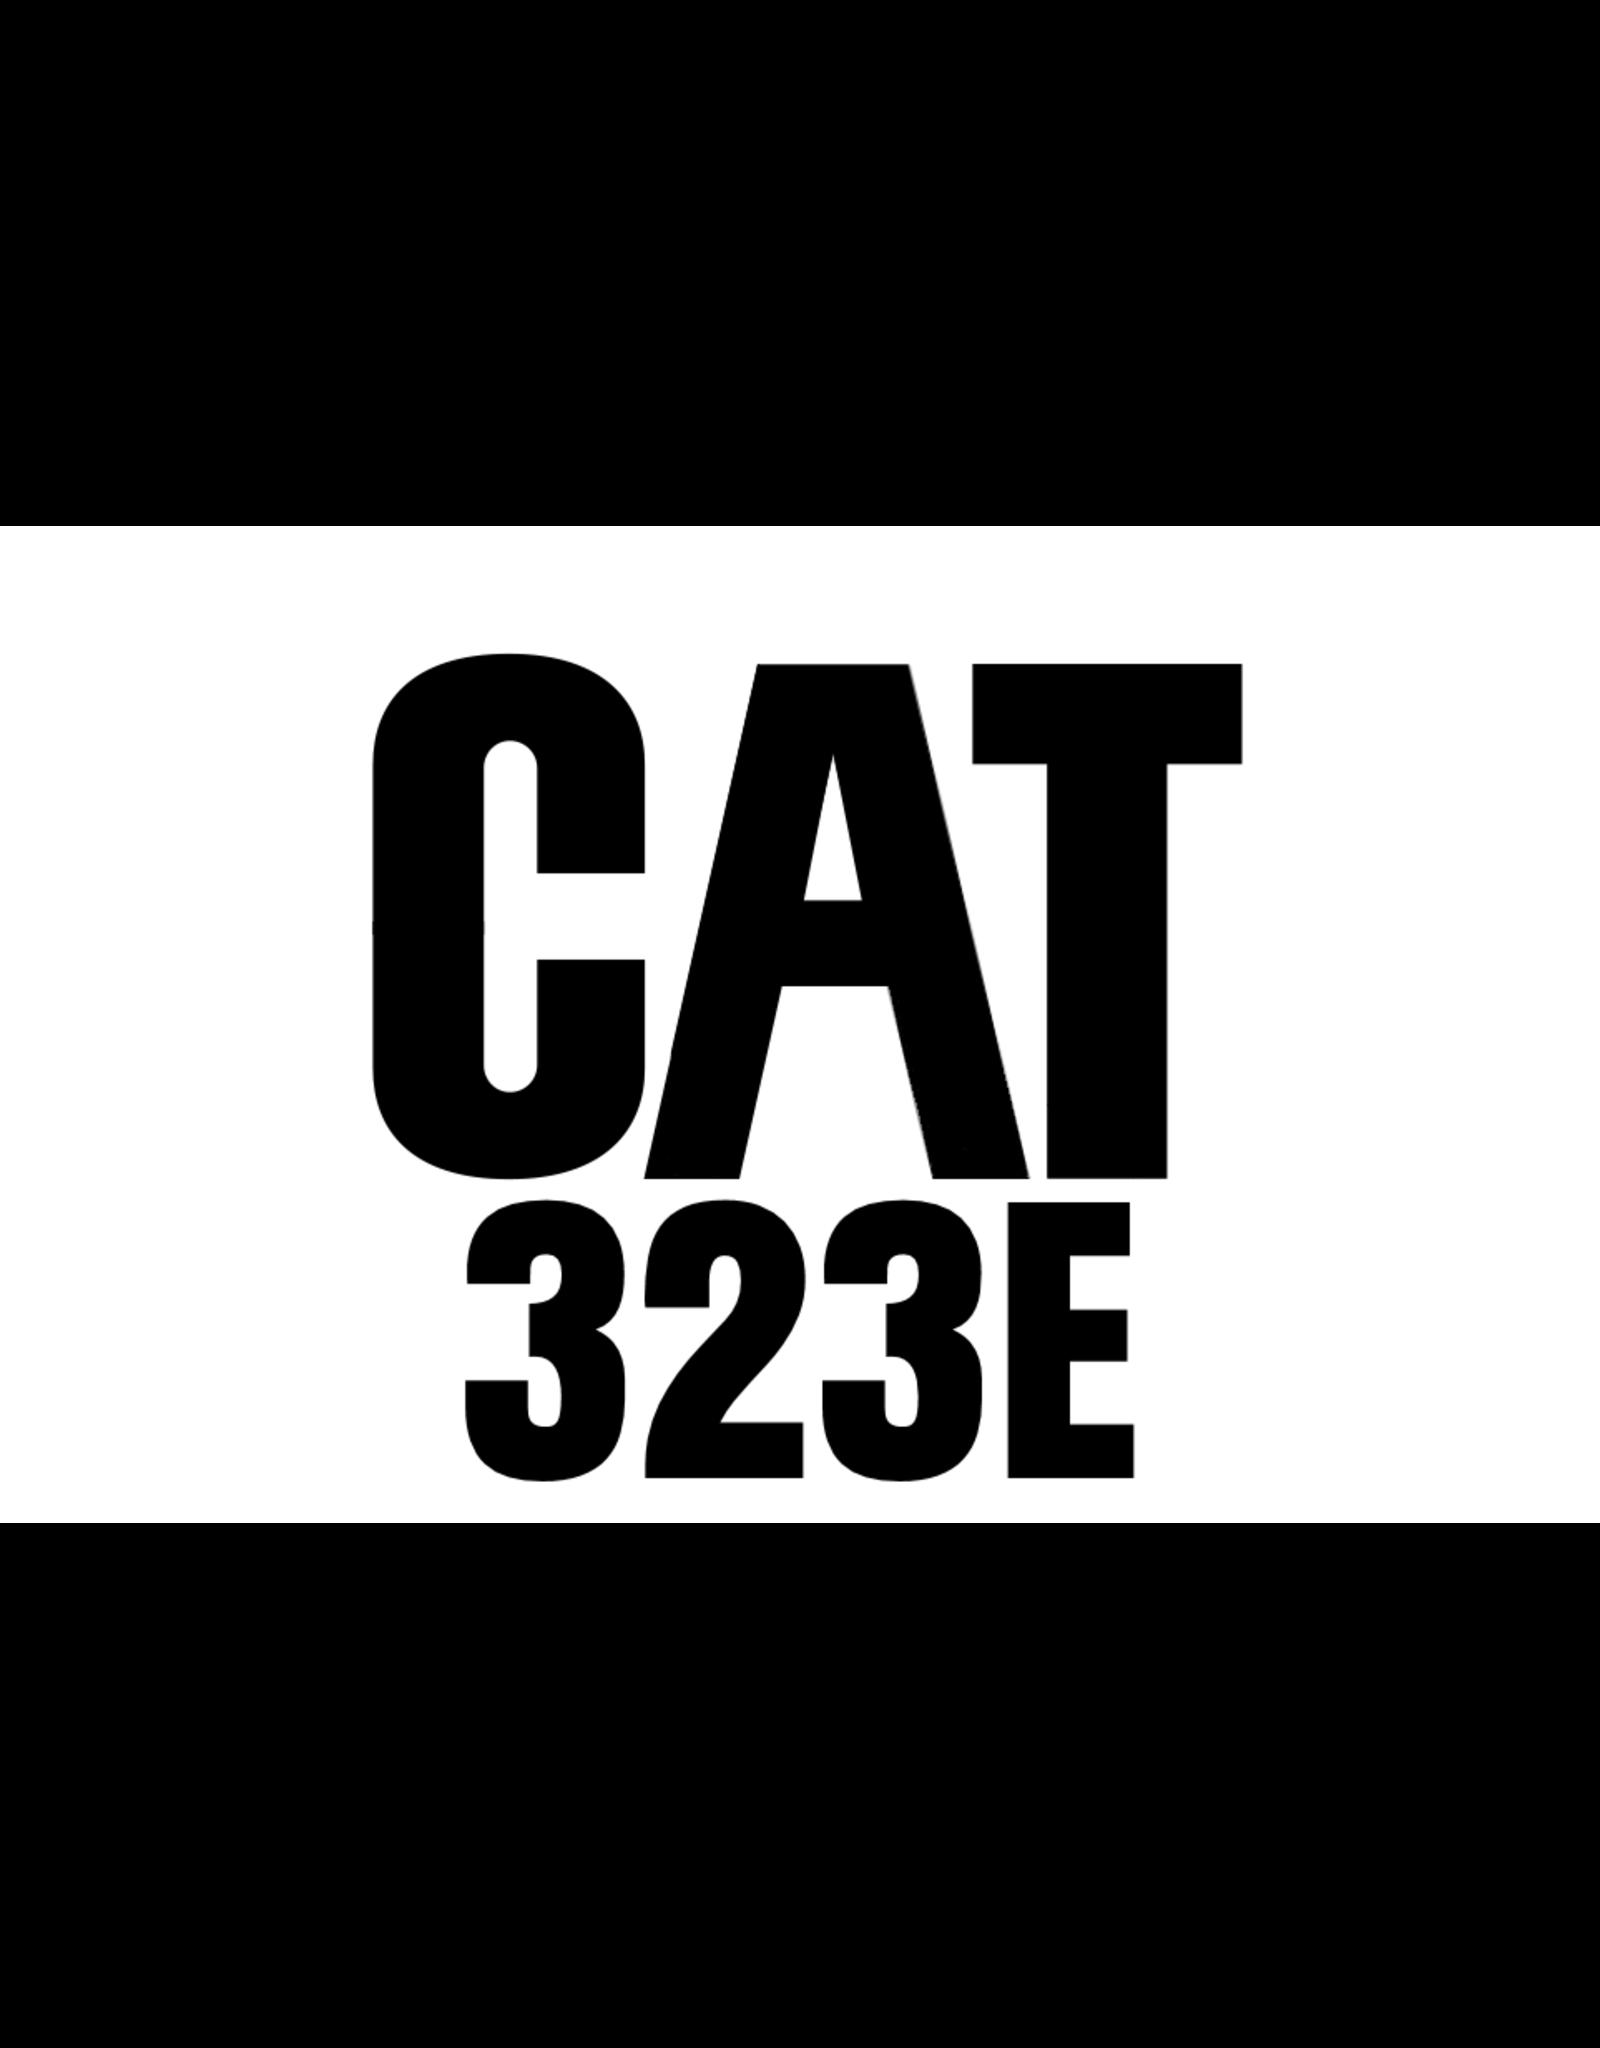 Echle Hartstahl GmbH FOPS pour CAT 323E